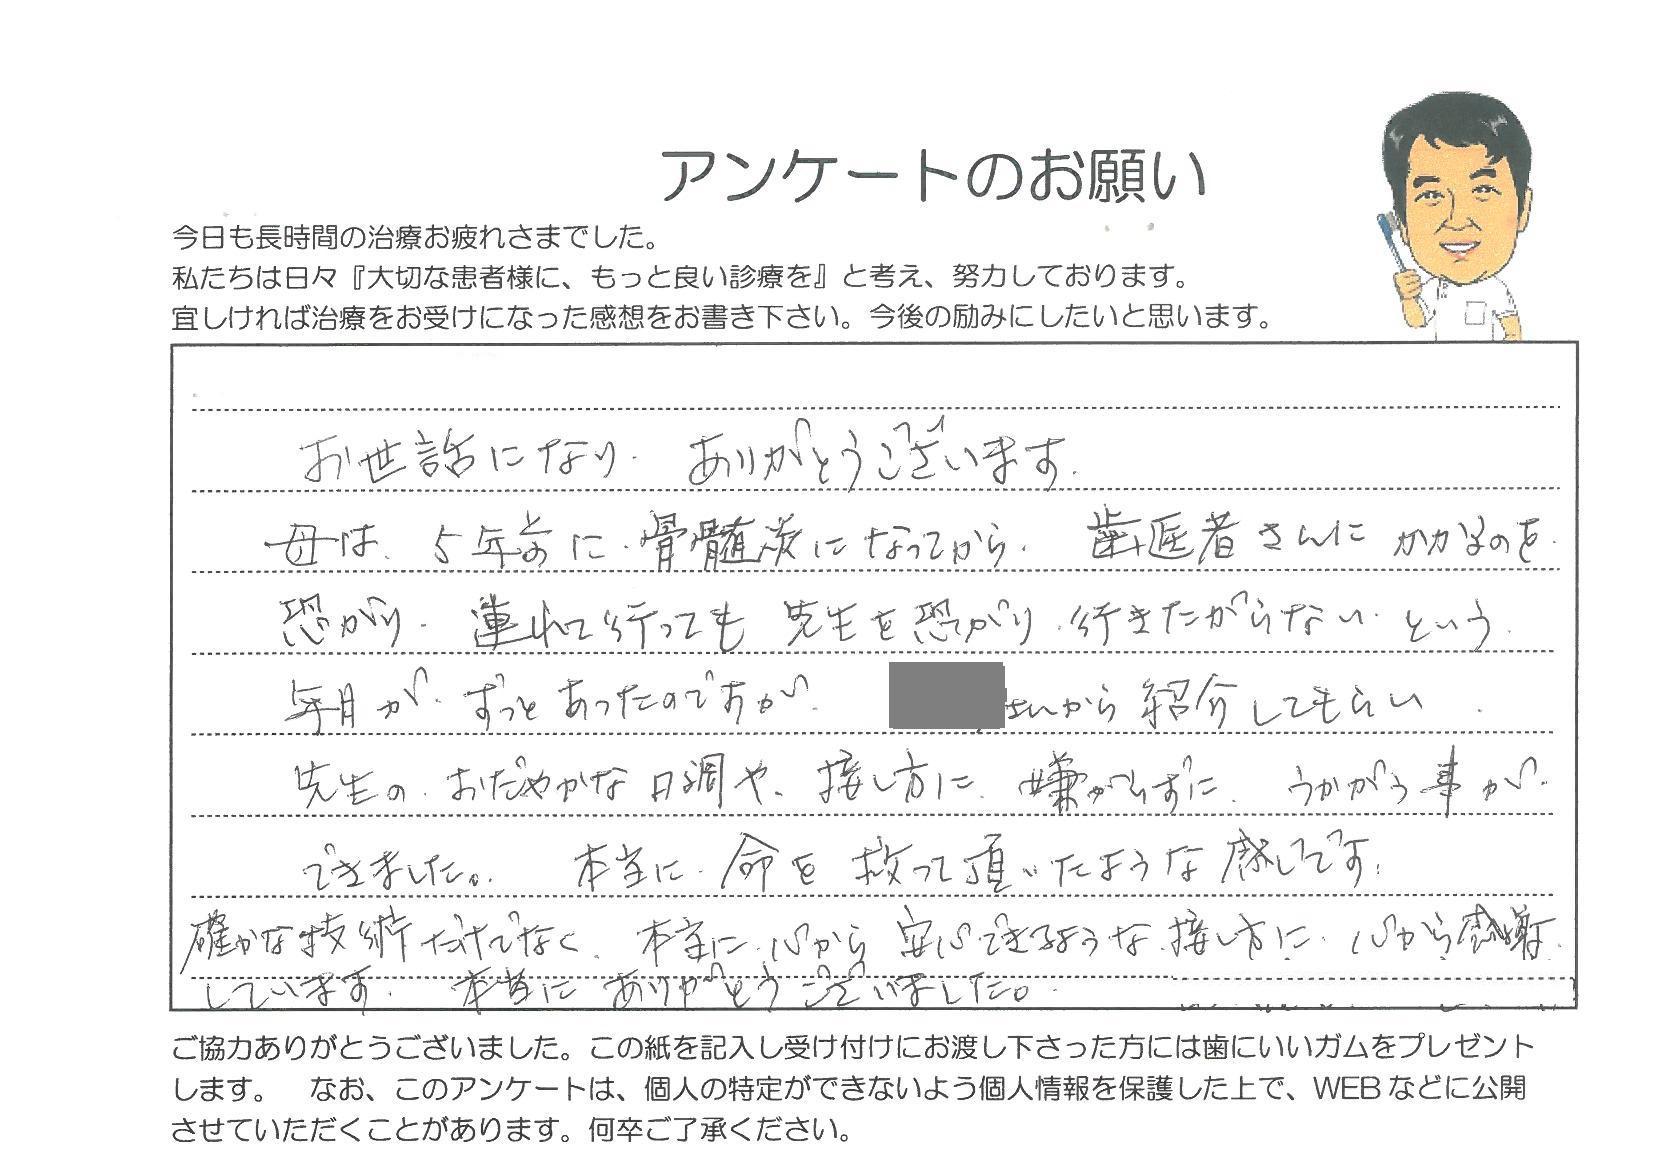 骨髄炎 患者さんのアンケート.jpg